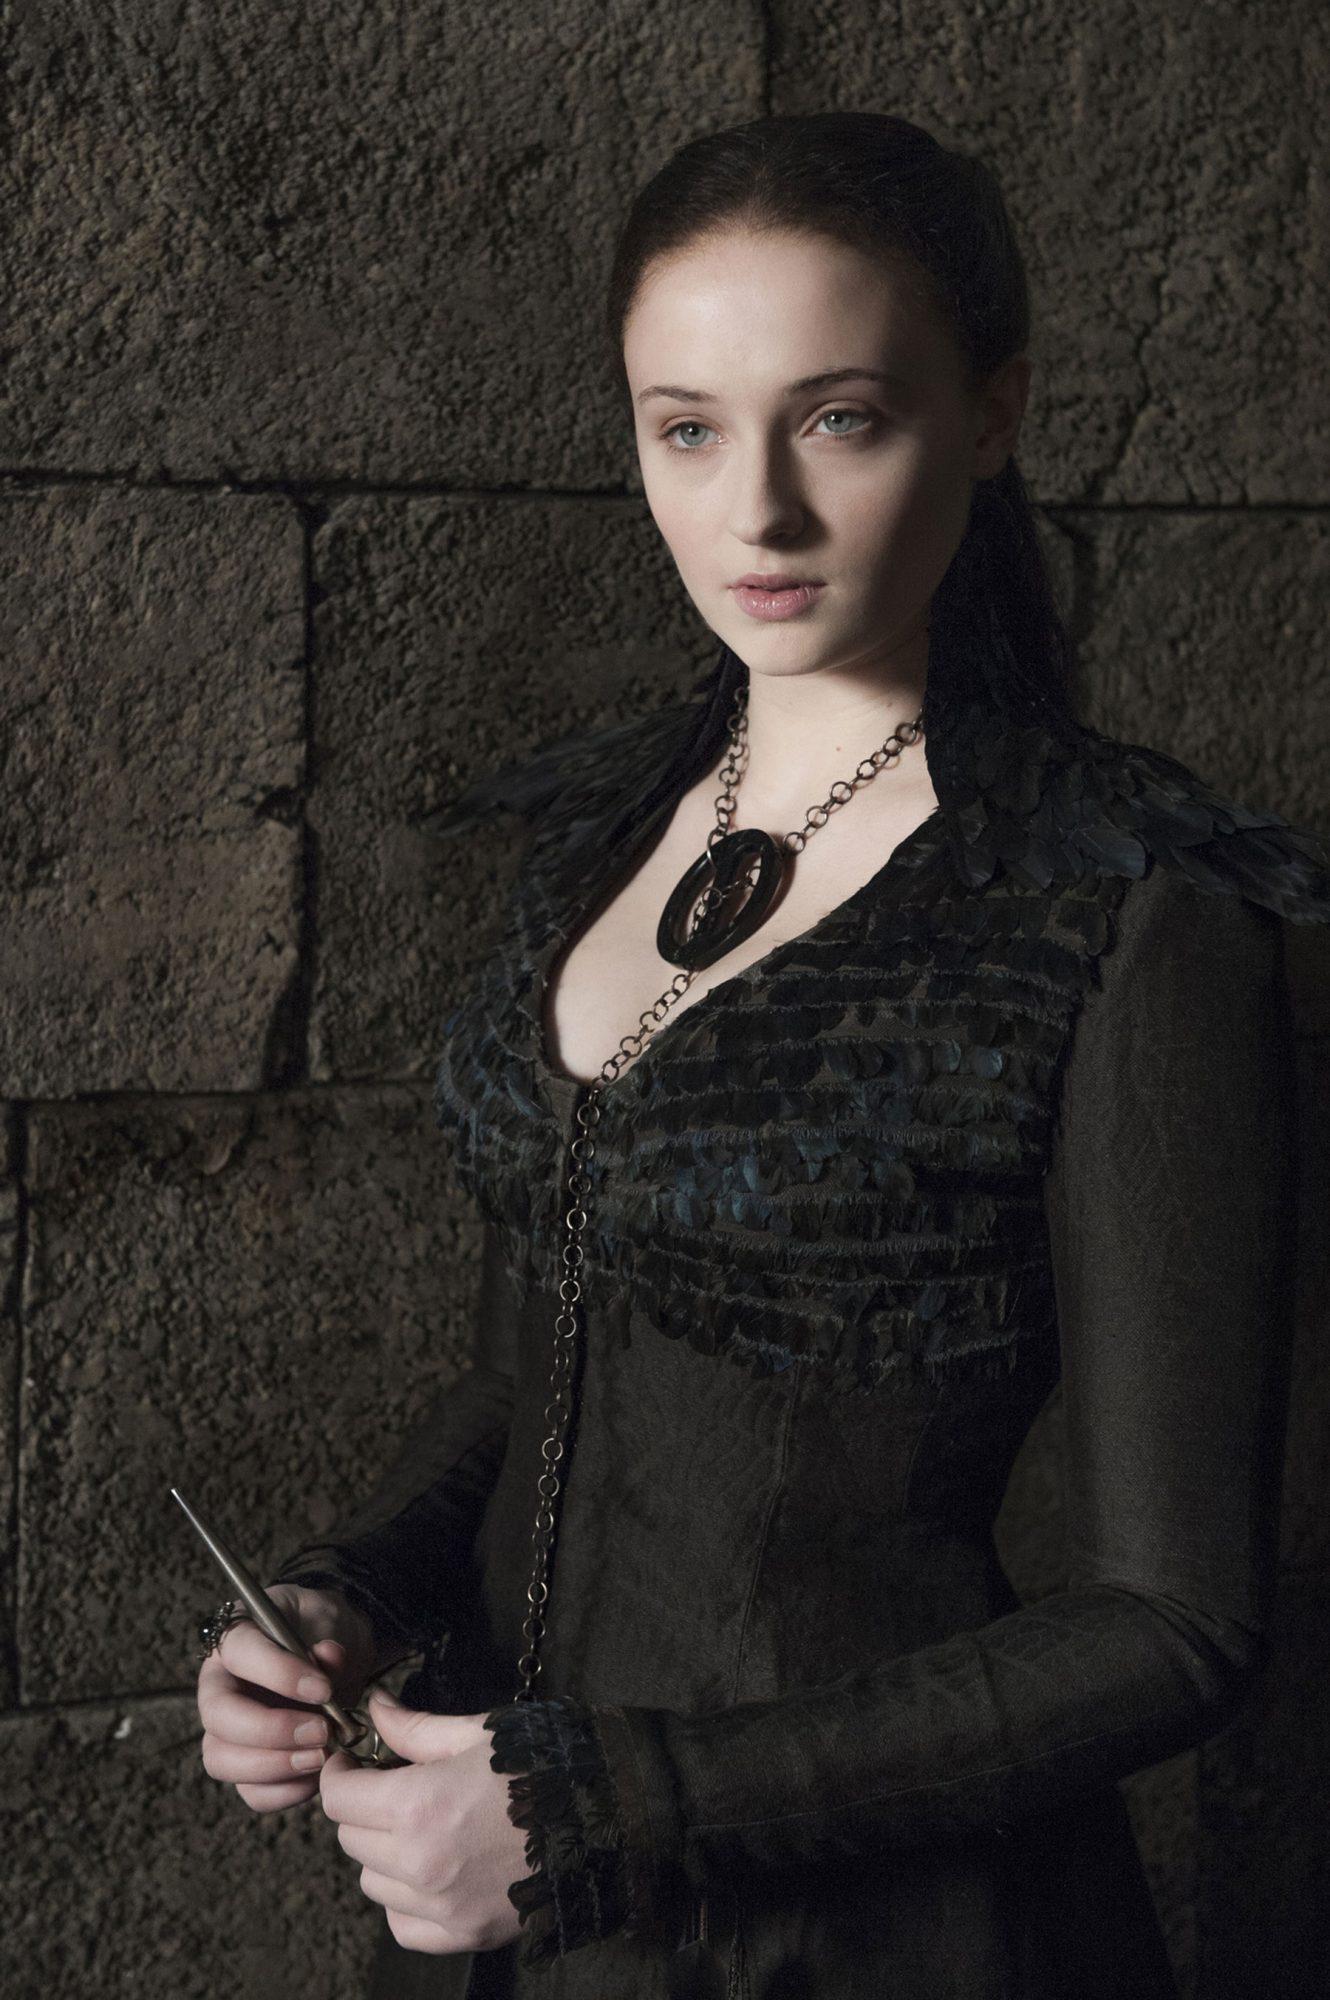 Helen-Sloan---HBO-(6)